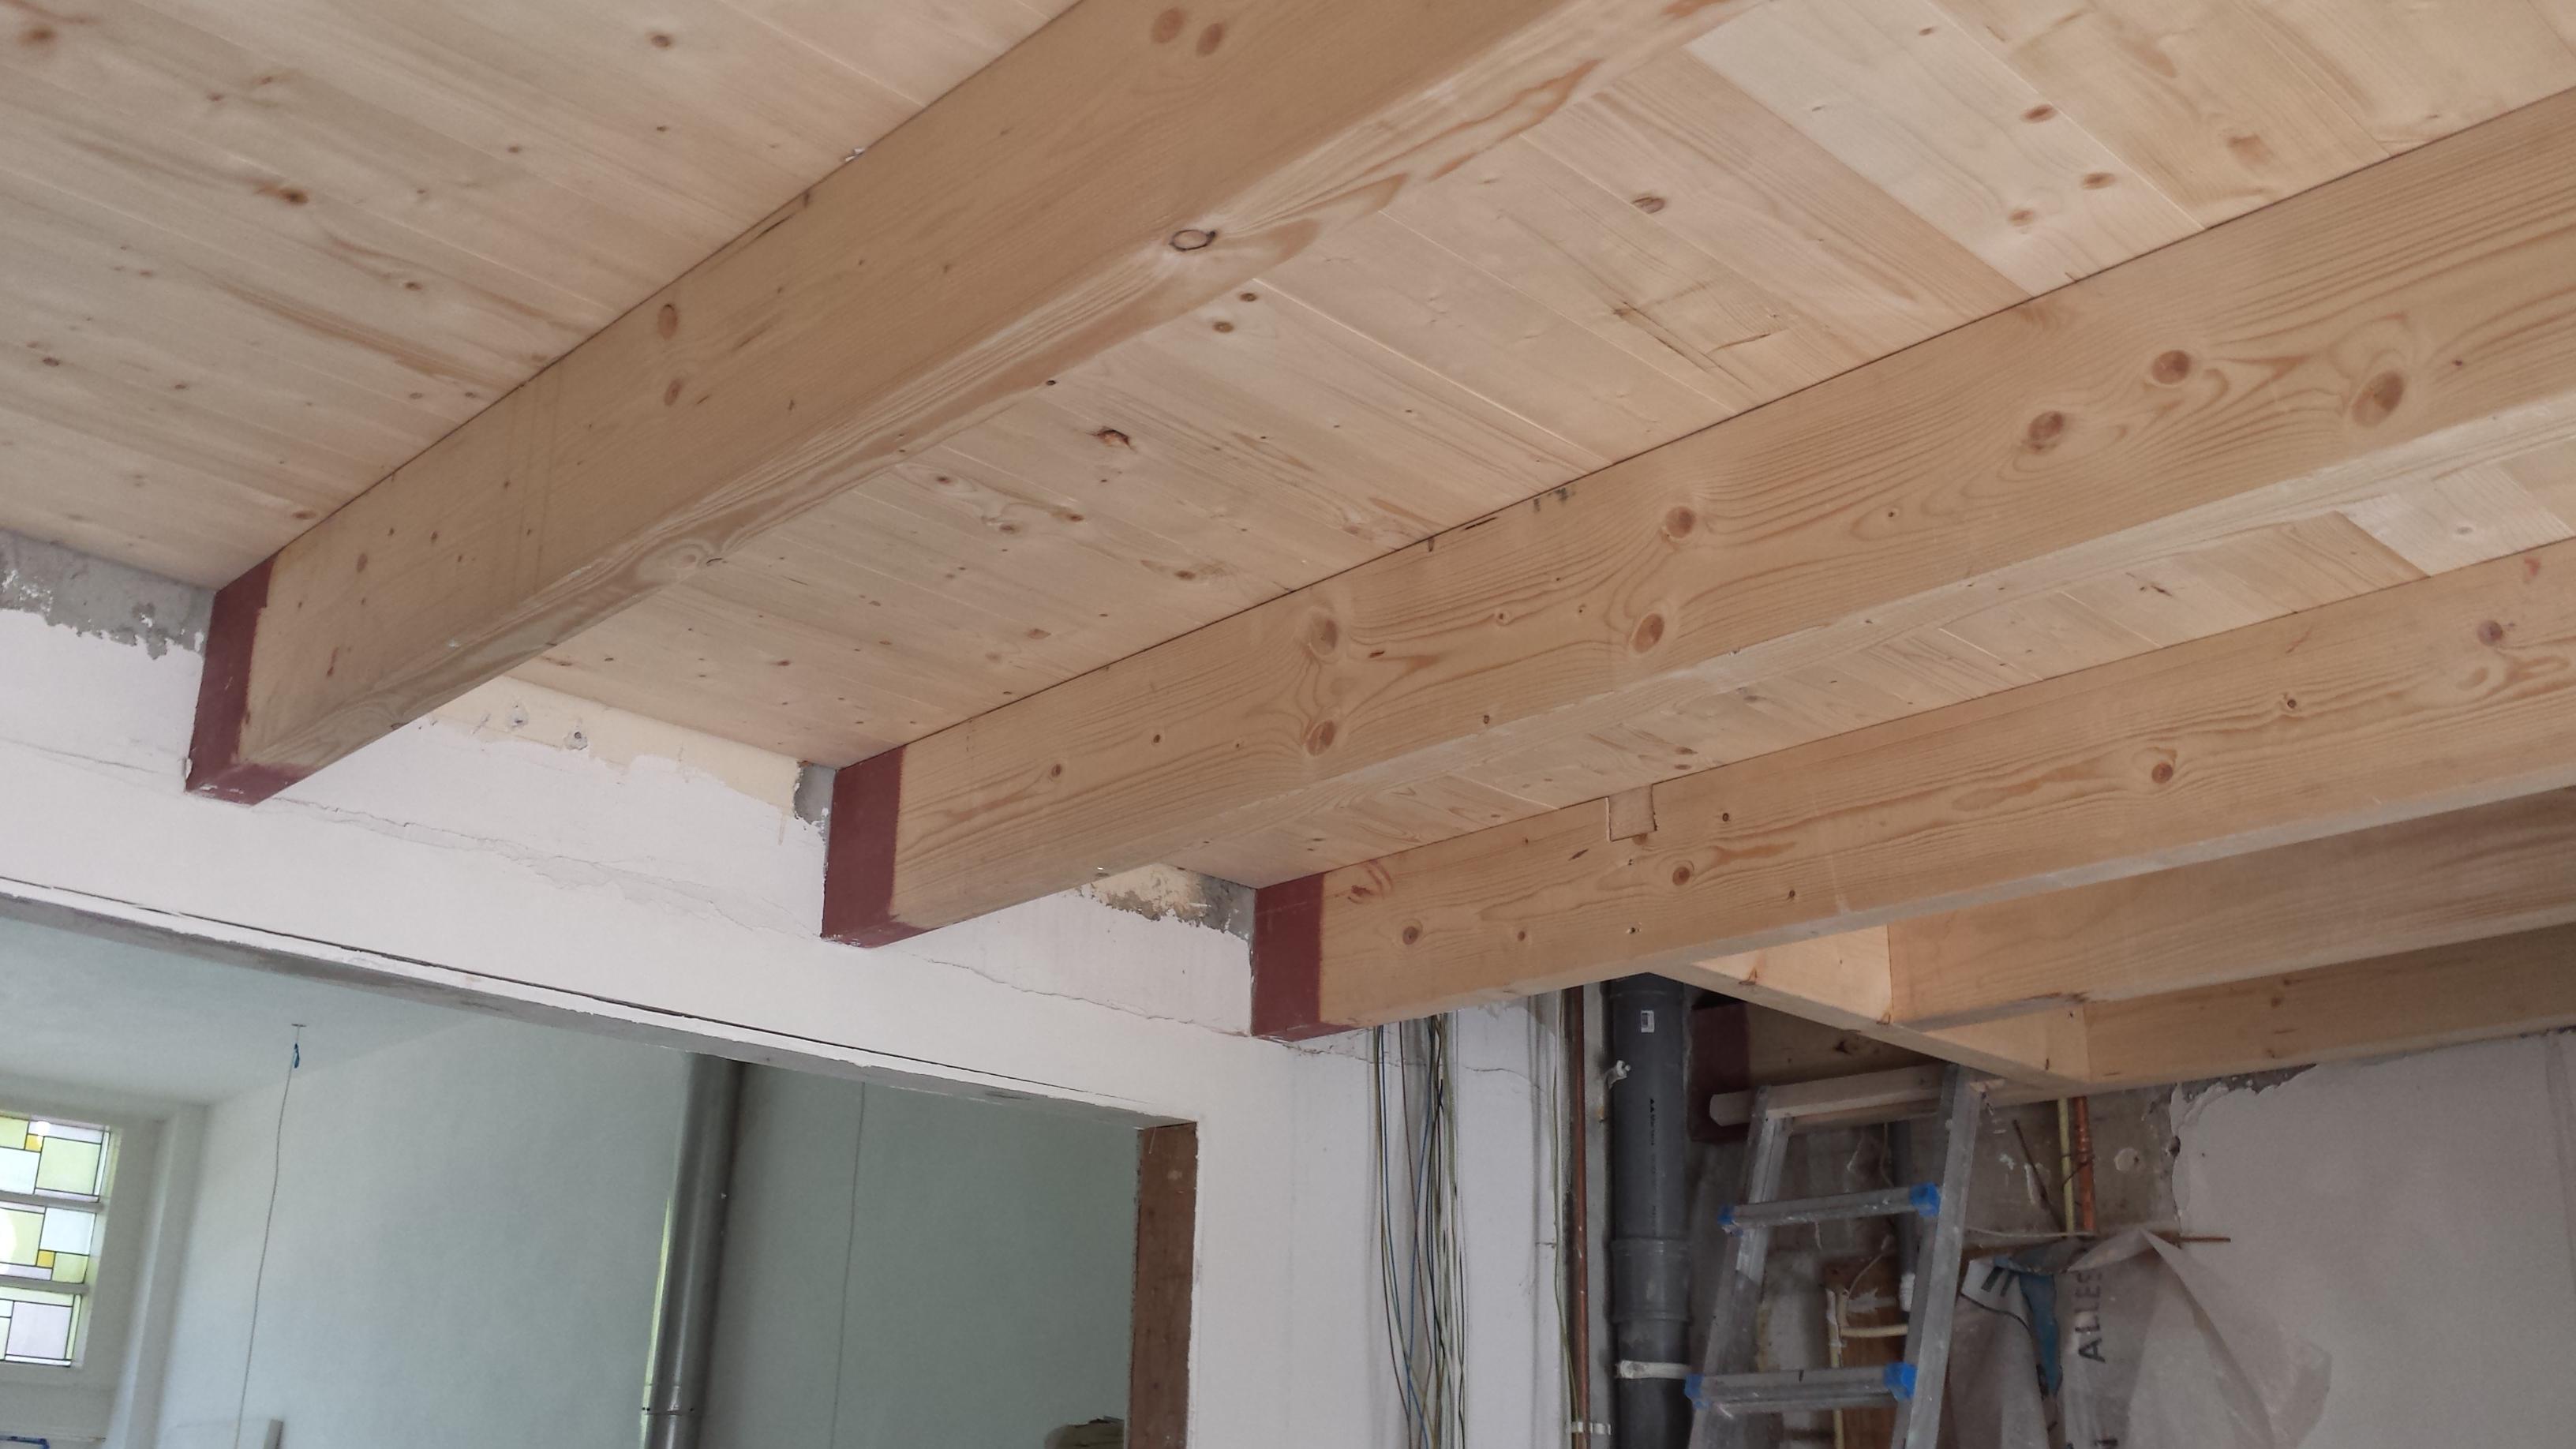 Vloer houten vloer zelf leggen zwevend galerij foto 39 s van binnenlandse en moderne - Houten balkenplafond ...